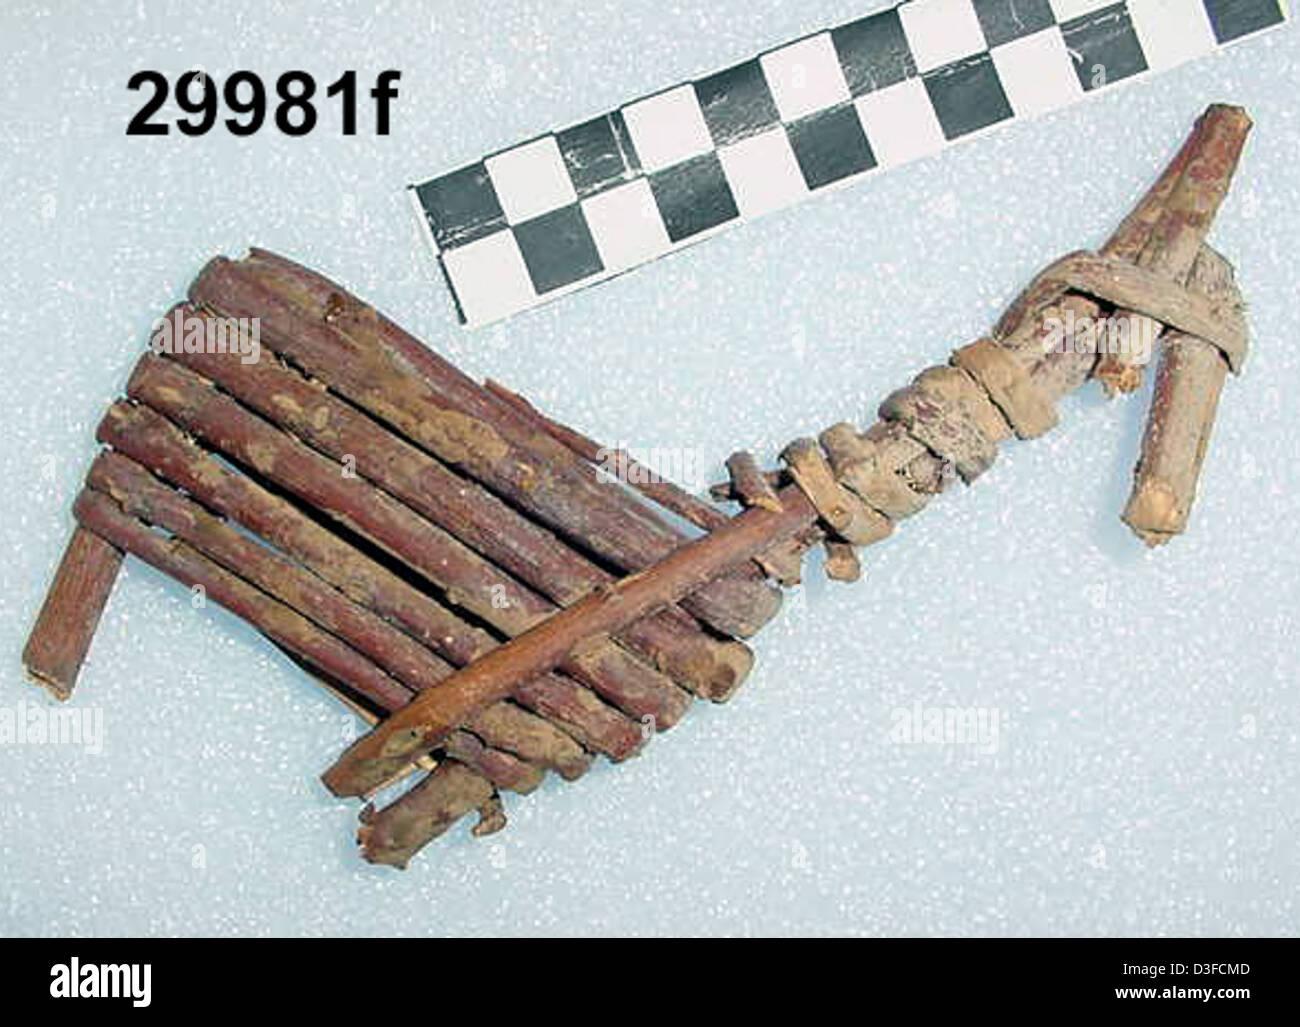 Split-Twig Figurine GRCA_29981f - Stock Image